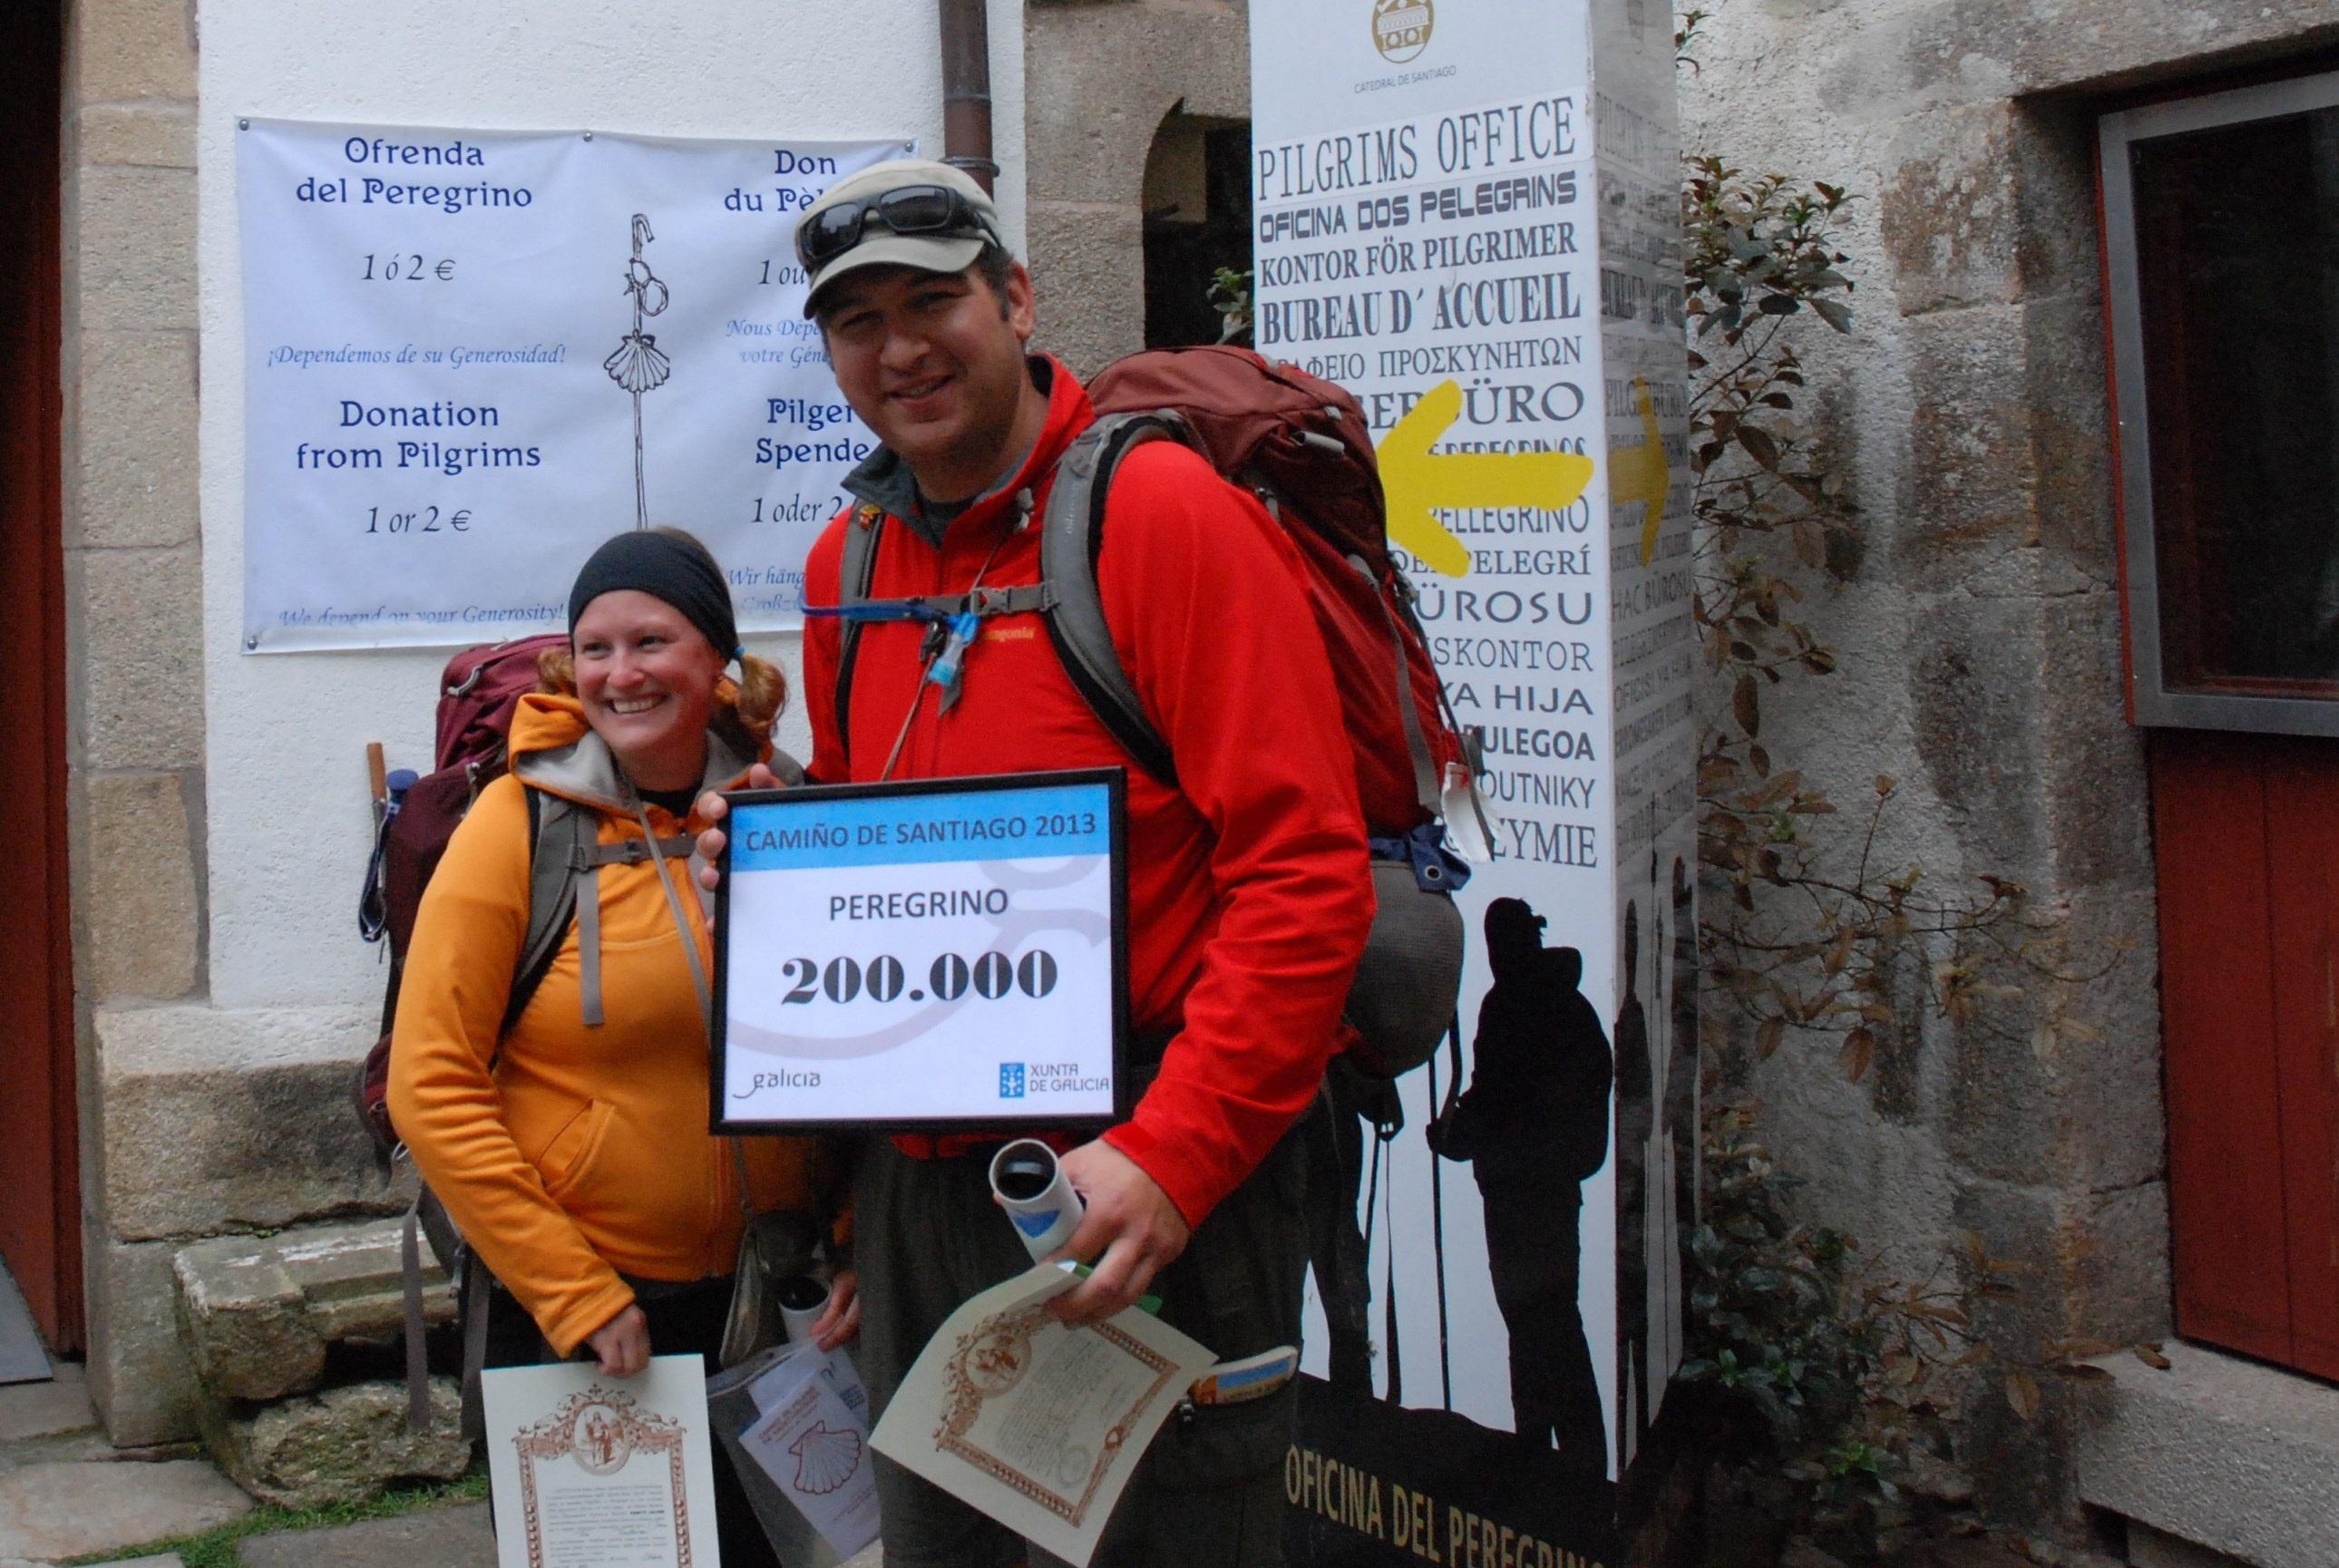 La cifra de peregrinos que realizaron el Camino de Santiago en 2013 supera las 200.000 personas